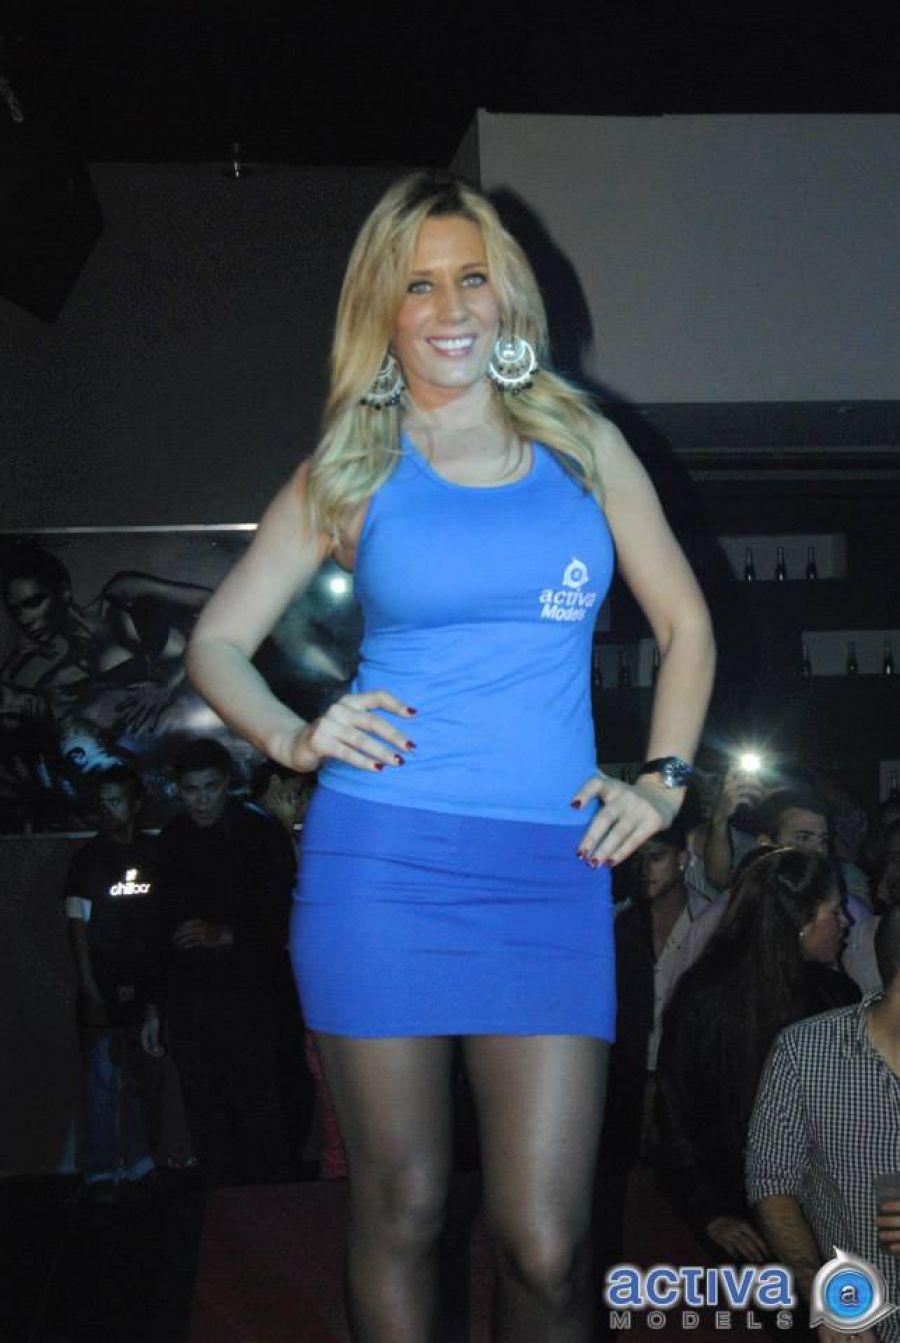 Argentina la dirige el marido 3 - 1 part 3